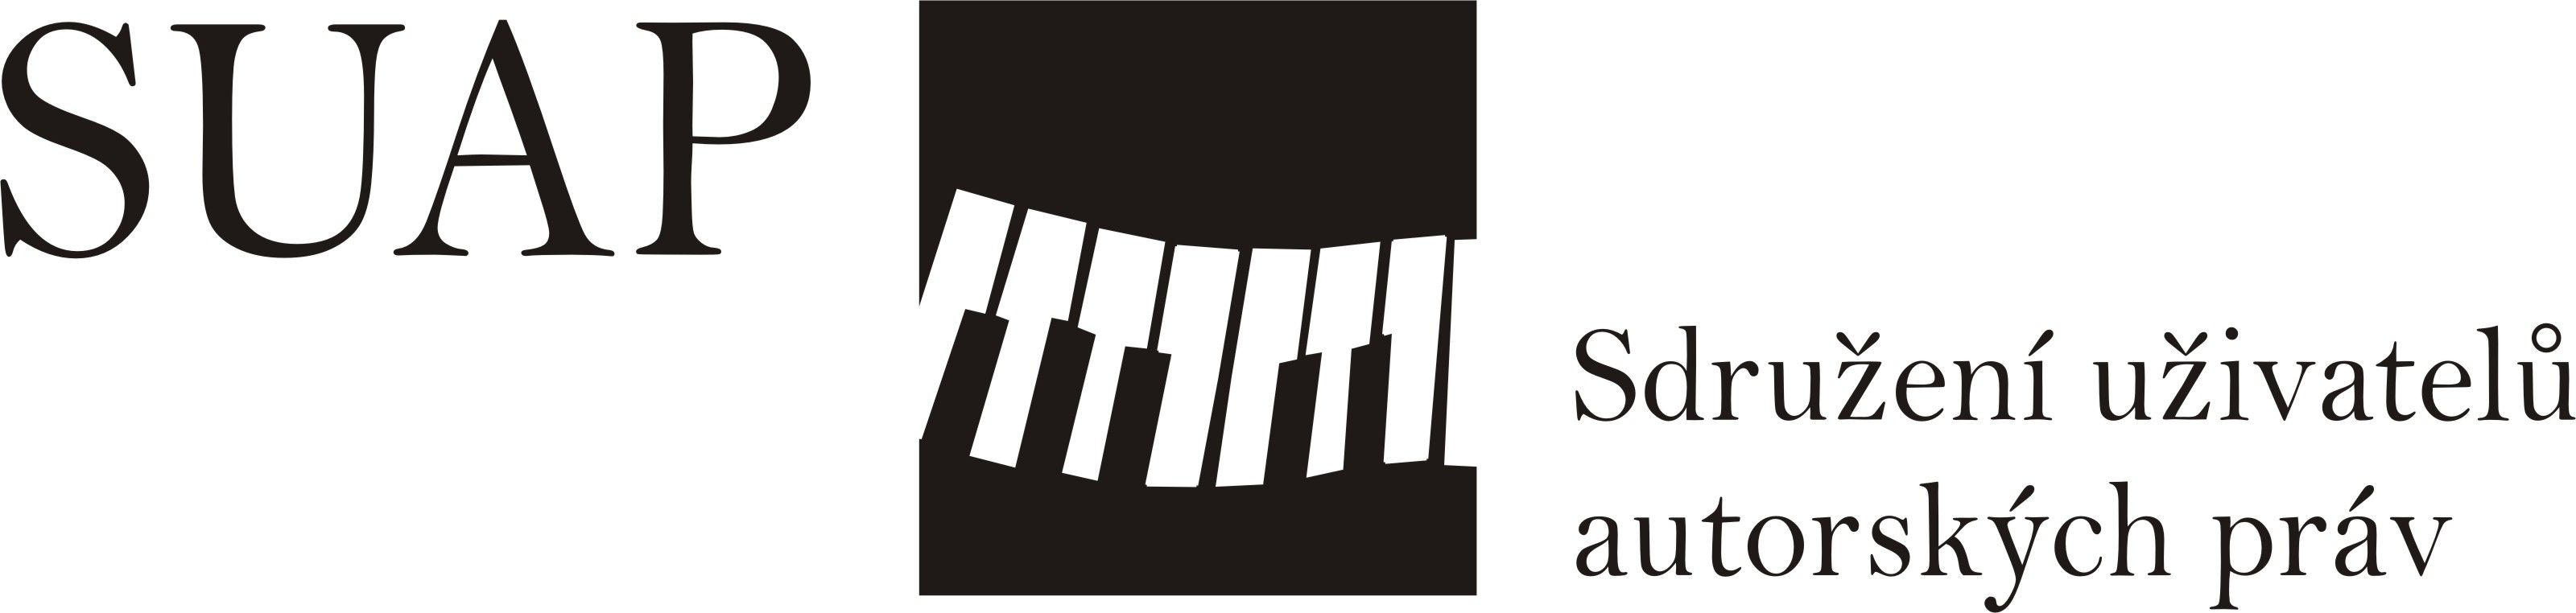 Sdružení uživatelů autorských práv (SUAP)